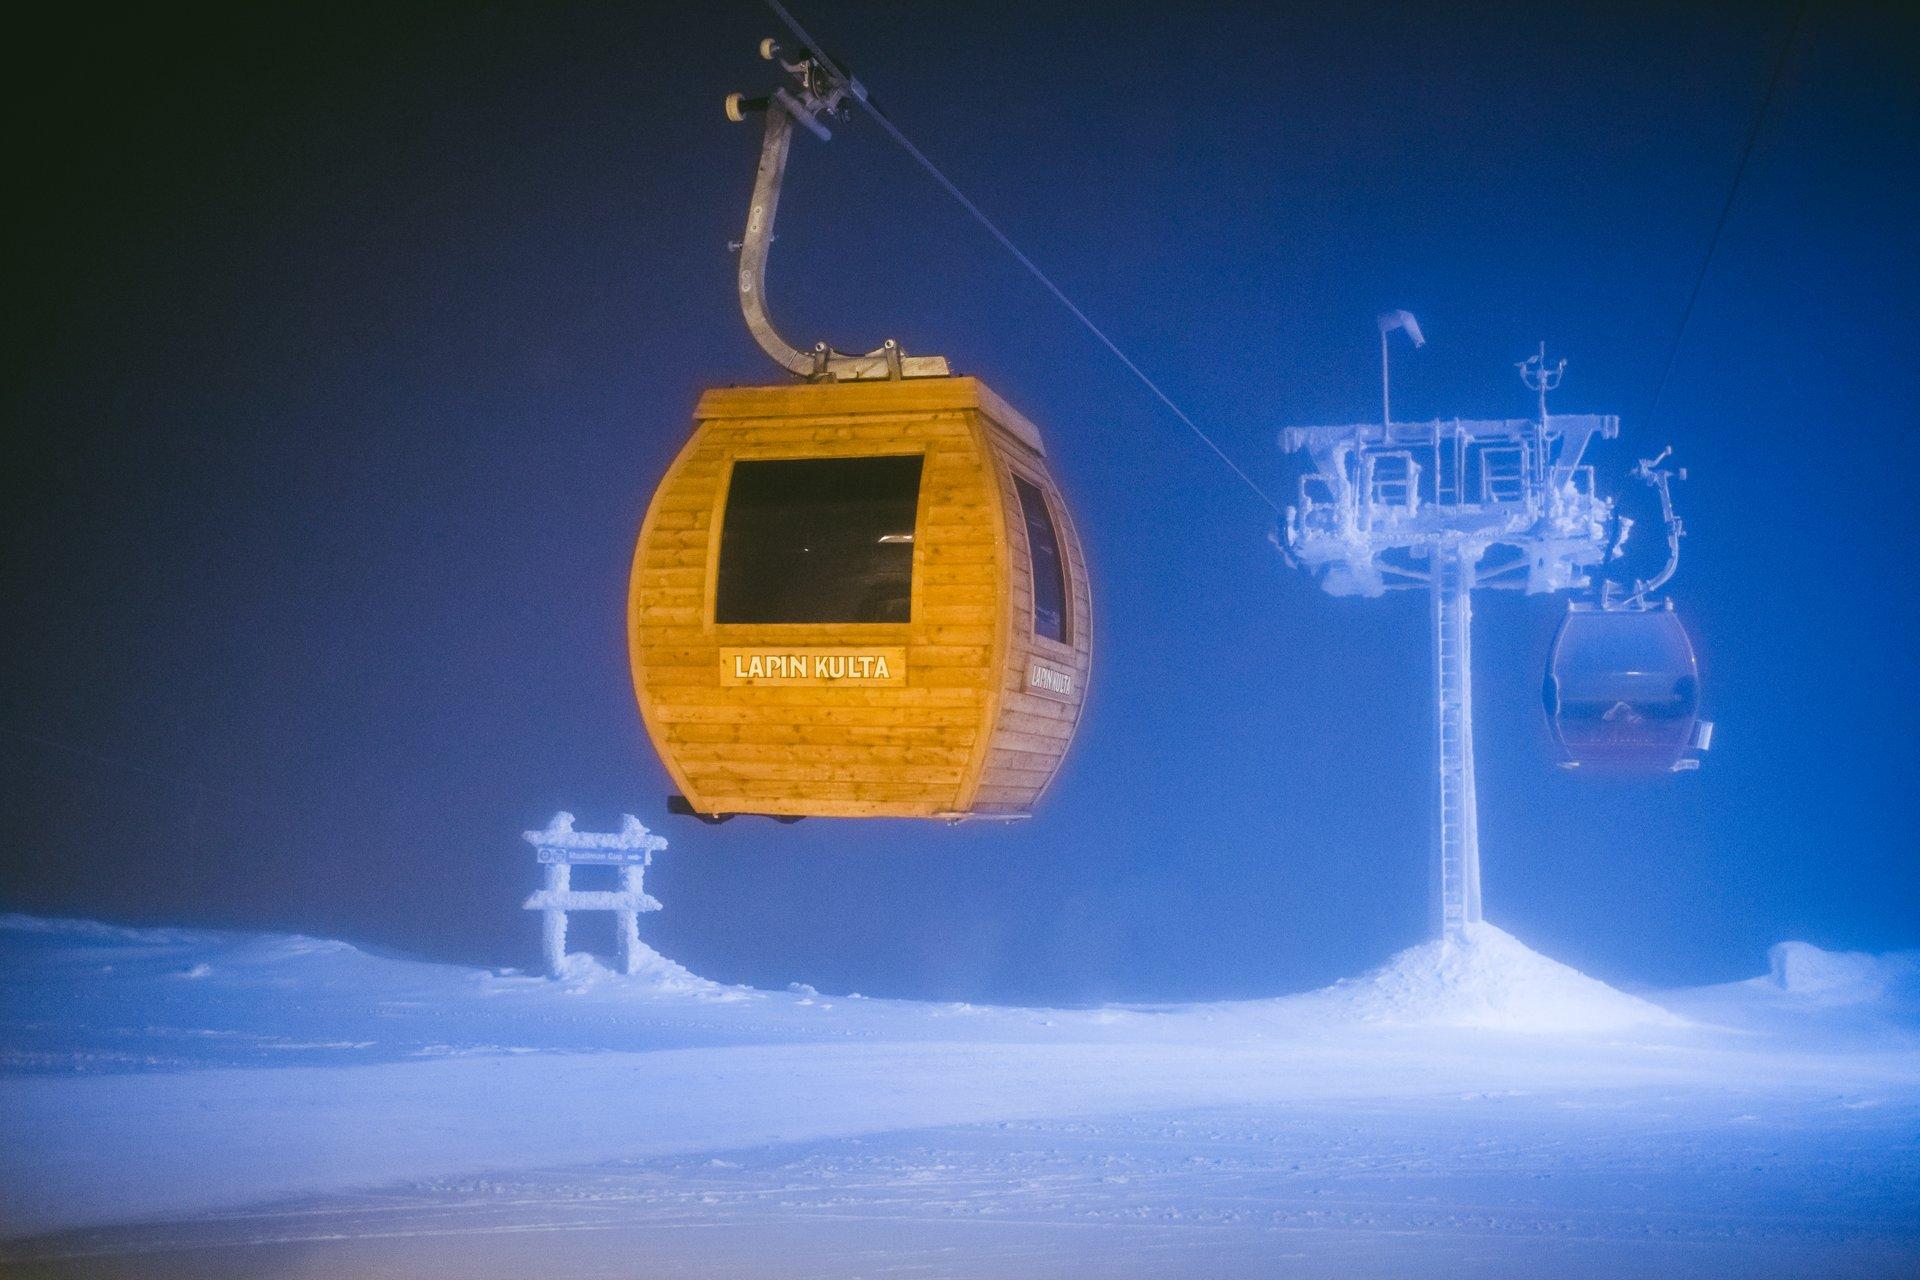 Ylläs Ski Resort 2019